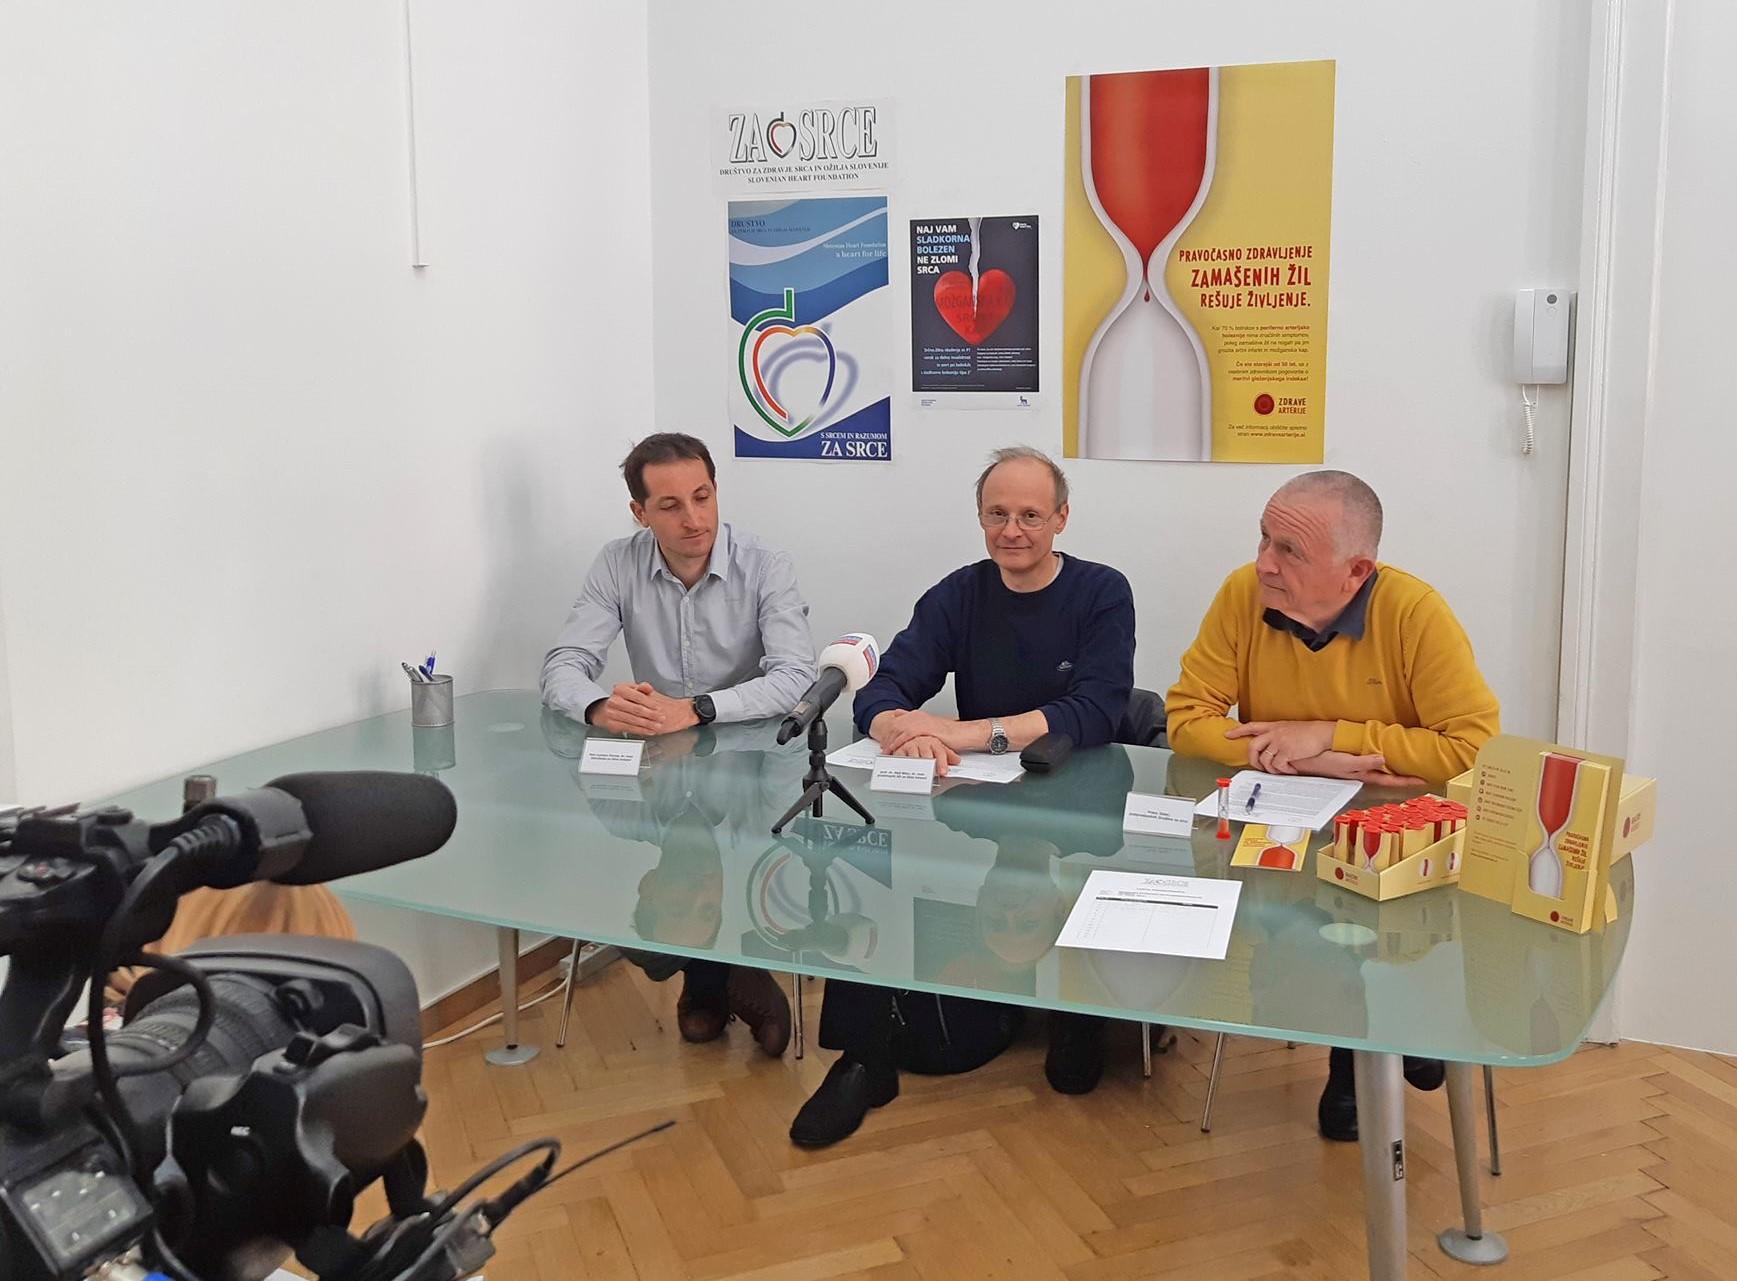 dan-žil-novinarska-konferenca